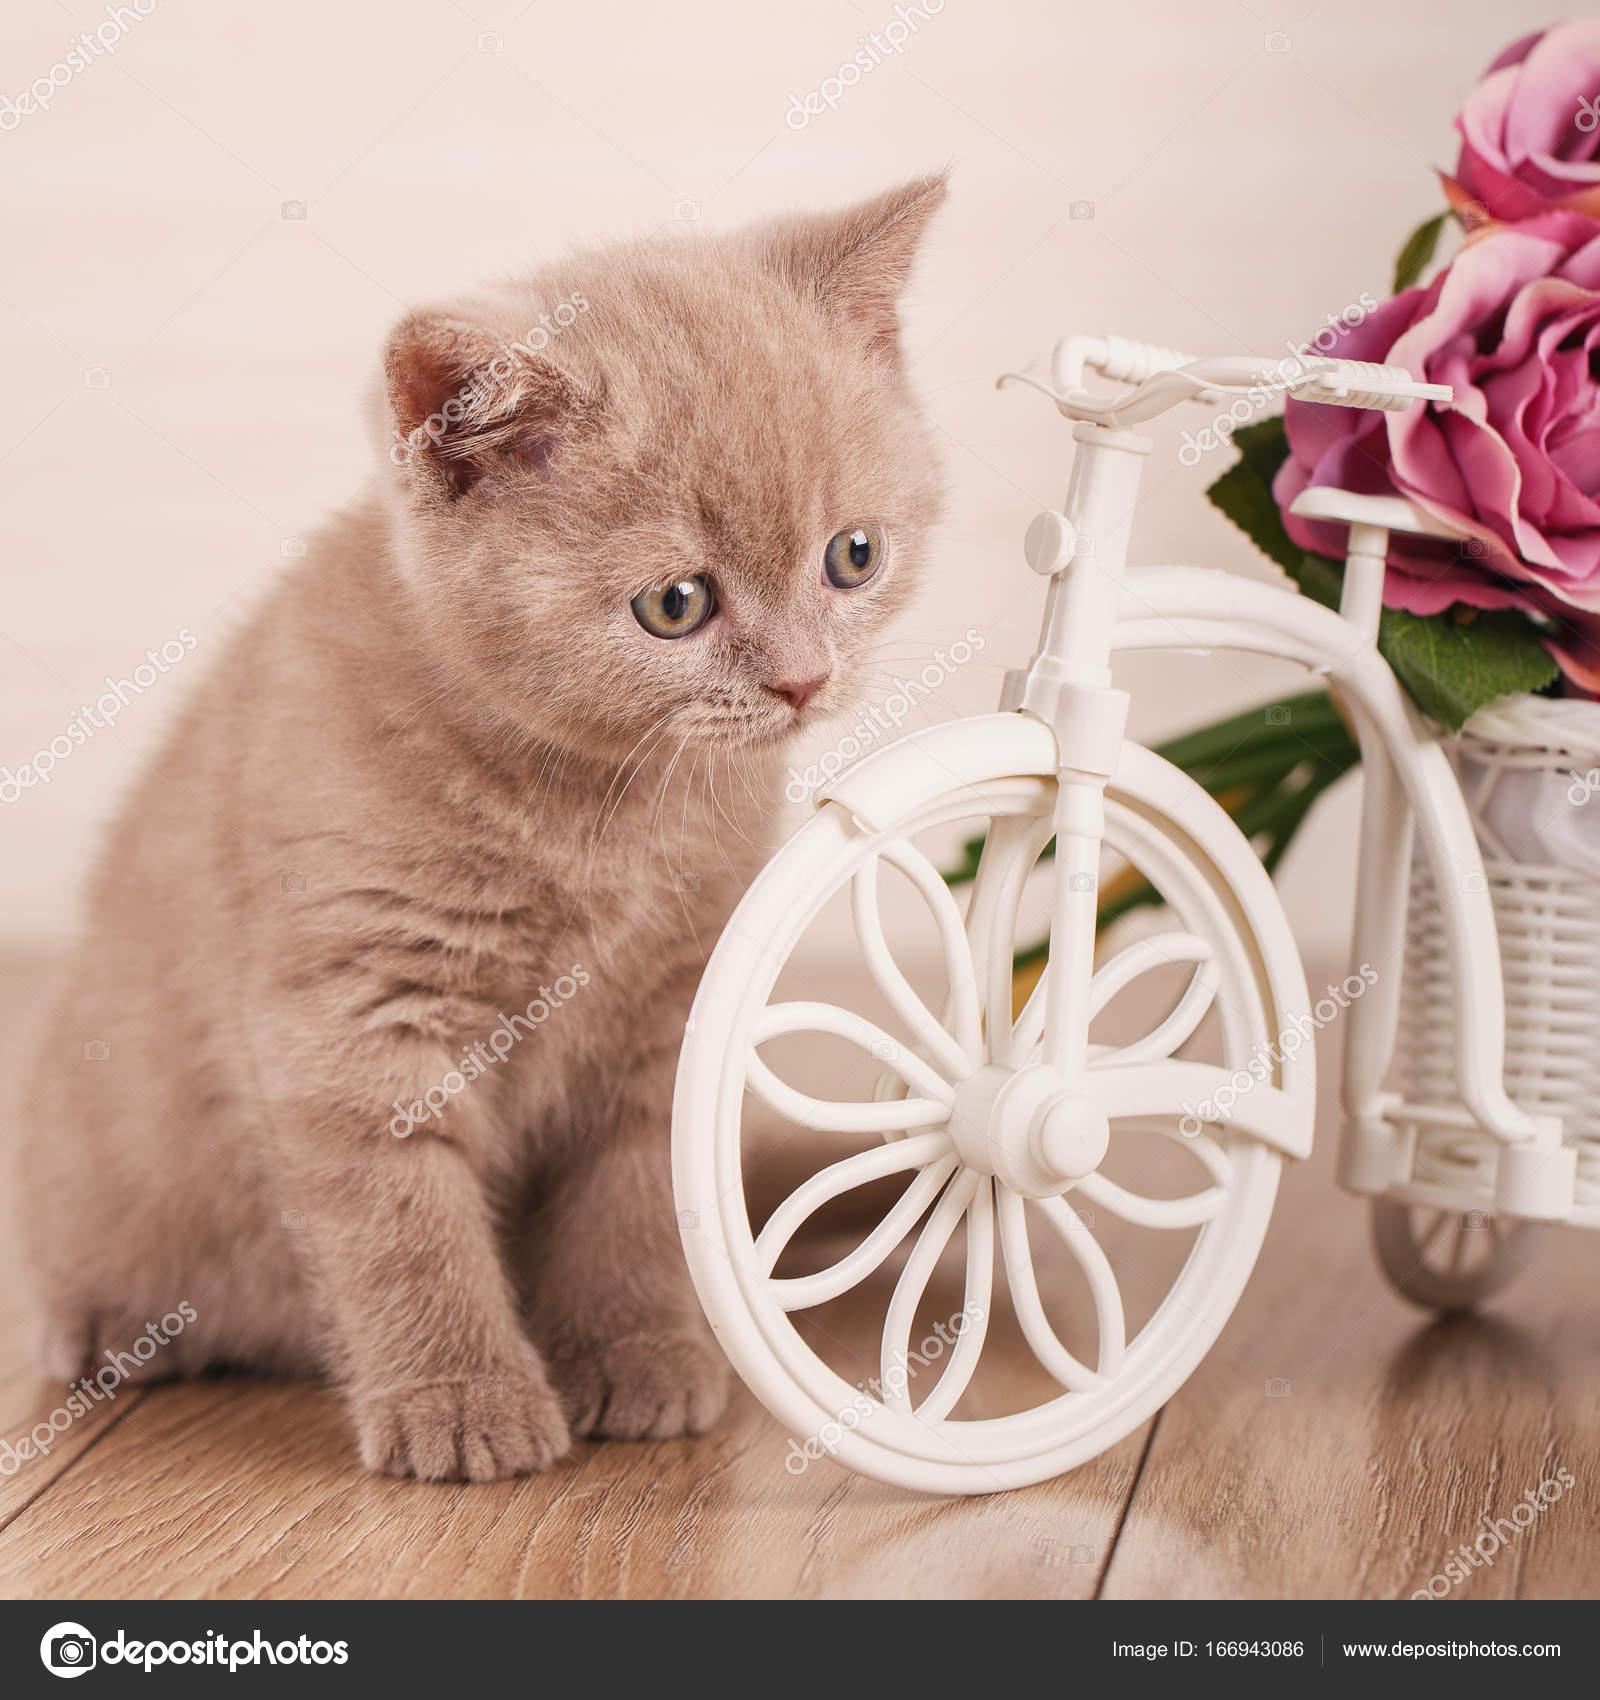 dbe0f8dc6efa Γάτα. Γατάκι Scottish Διπλώνετε γάτα της Σκωτίας. Γάτα στο σπίτι κοντά σε  ένα διακοσμητικό δοχείο με τη μορφή ενός ποδηλάτου — Εικόνα από serkucher